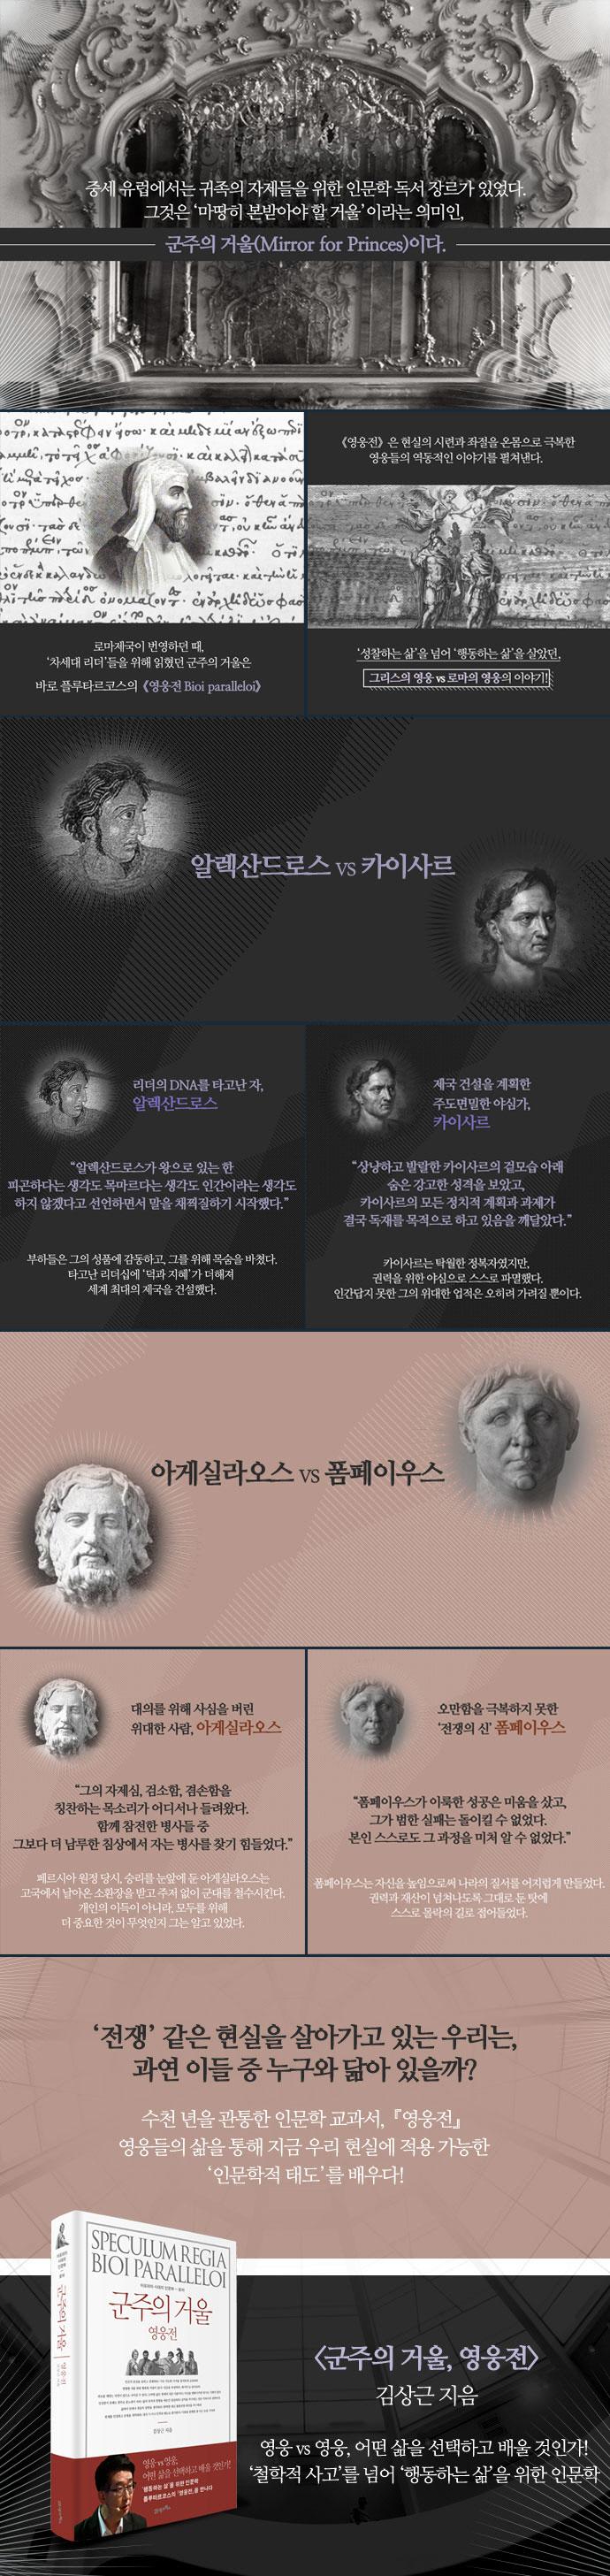 군주의 거울: 영웅전(양장본 HardCover) 도서 상세이미지